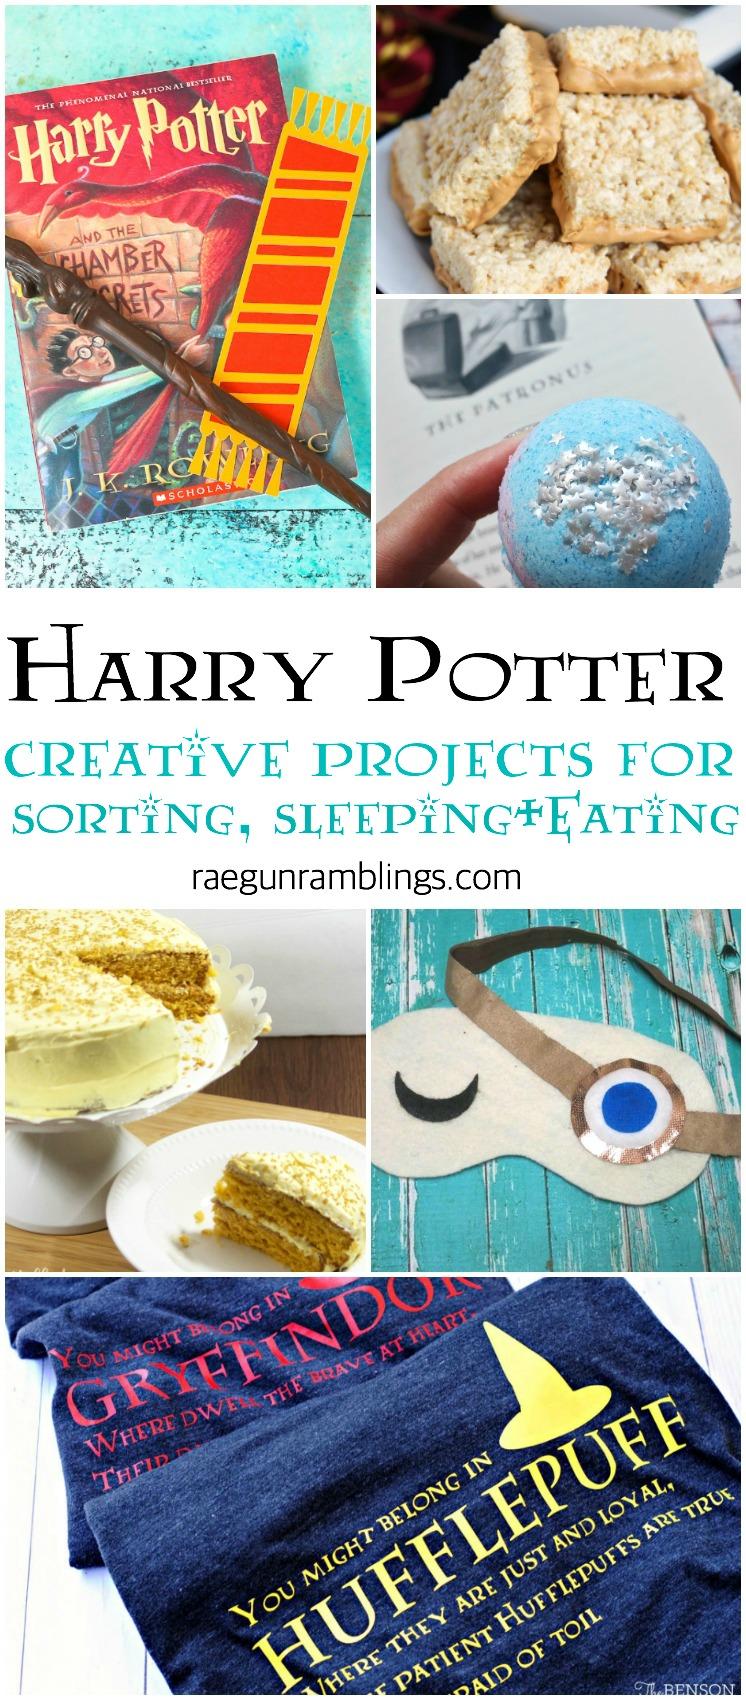 DIY Harry Potter SGV files tutorials and recipes